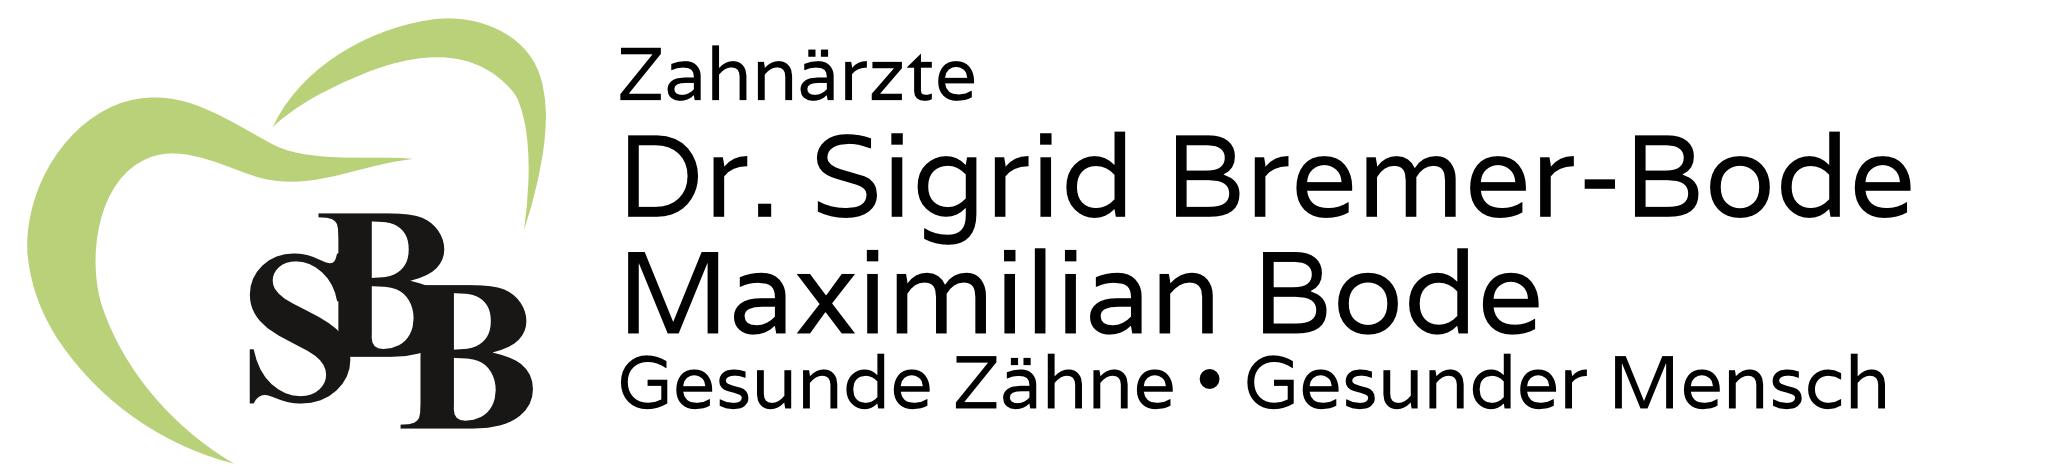 Zahnarztpraxis Dr. S. Bremer-Bode